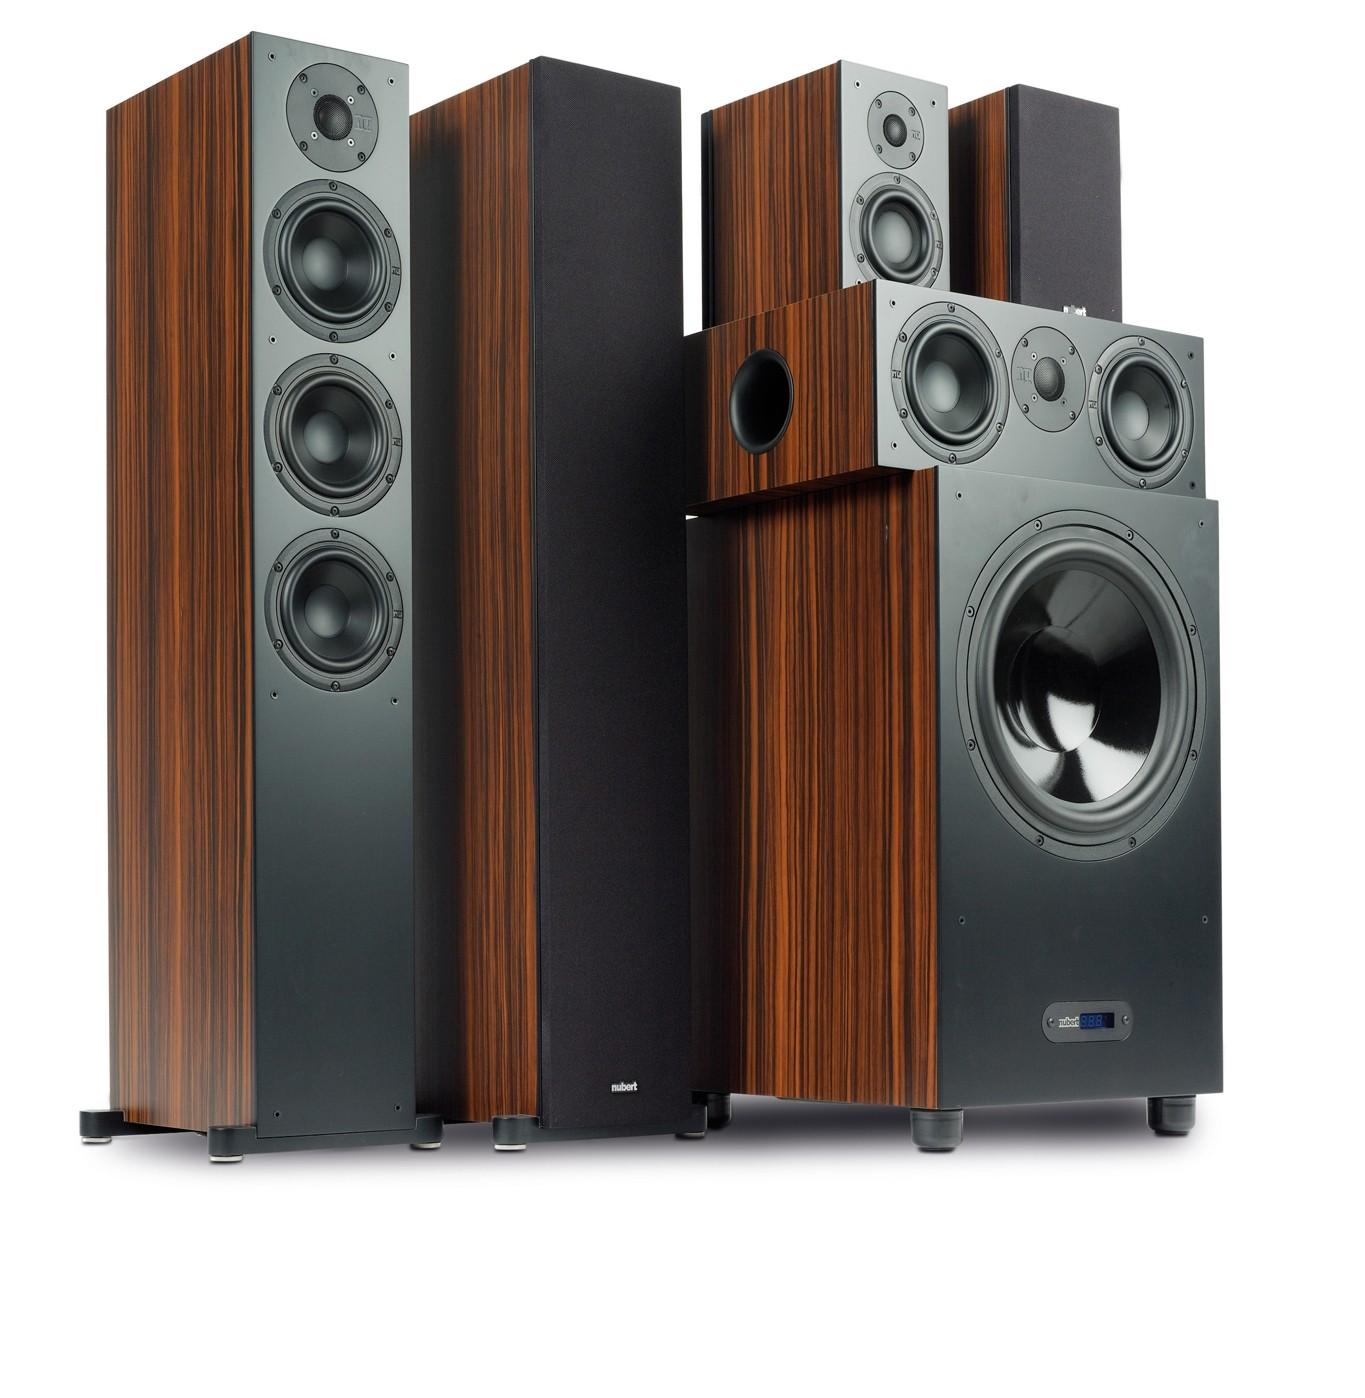 Lautsprecher Surround Nubert 5.1-nuBox-Set 513/CS413/303 und AW-993 im Test, Bild 1